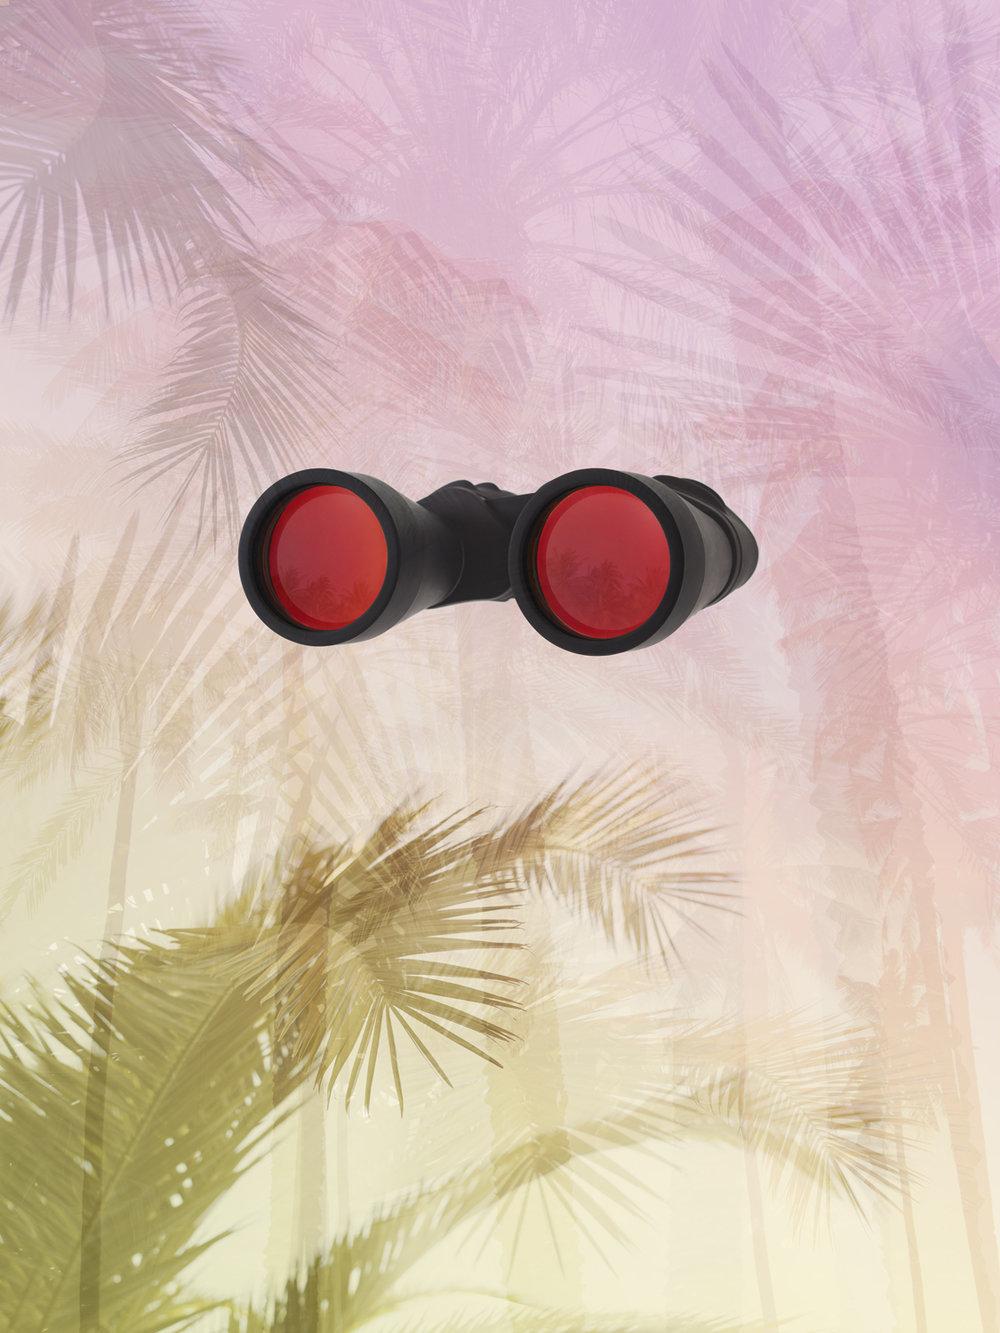 Binocular Tropical  © Joseph Desler Costa